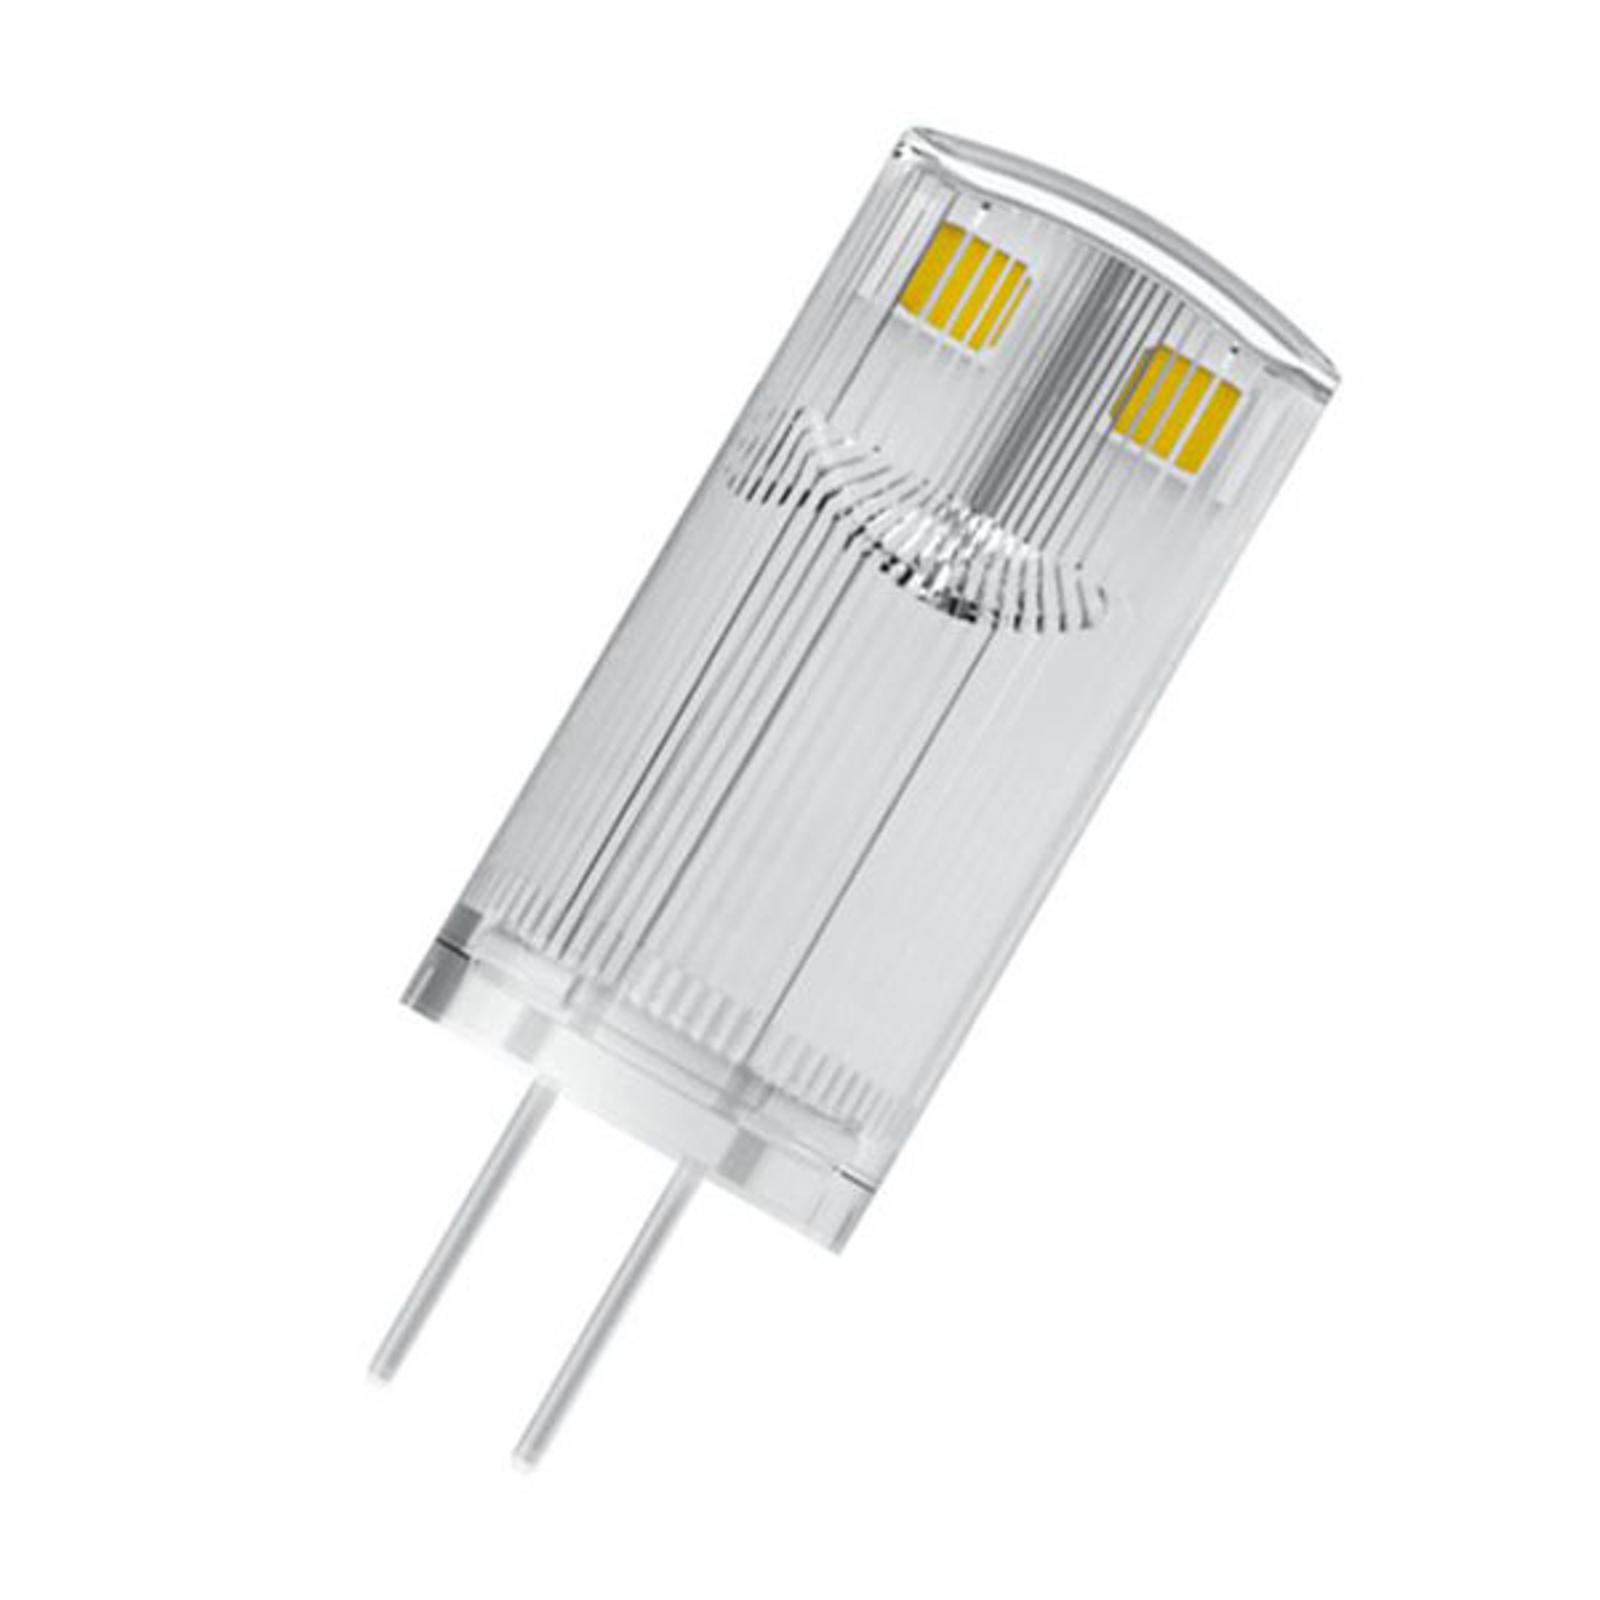 OSRAM żarówka sztyft G4 0,9W 2700K przezroczysta